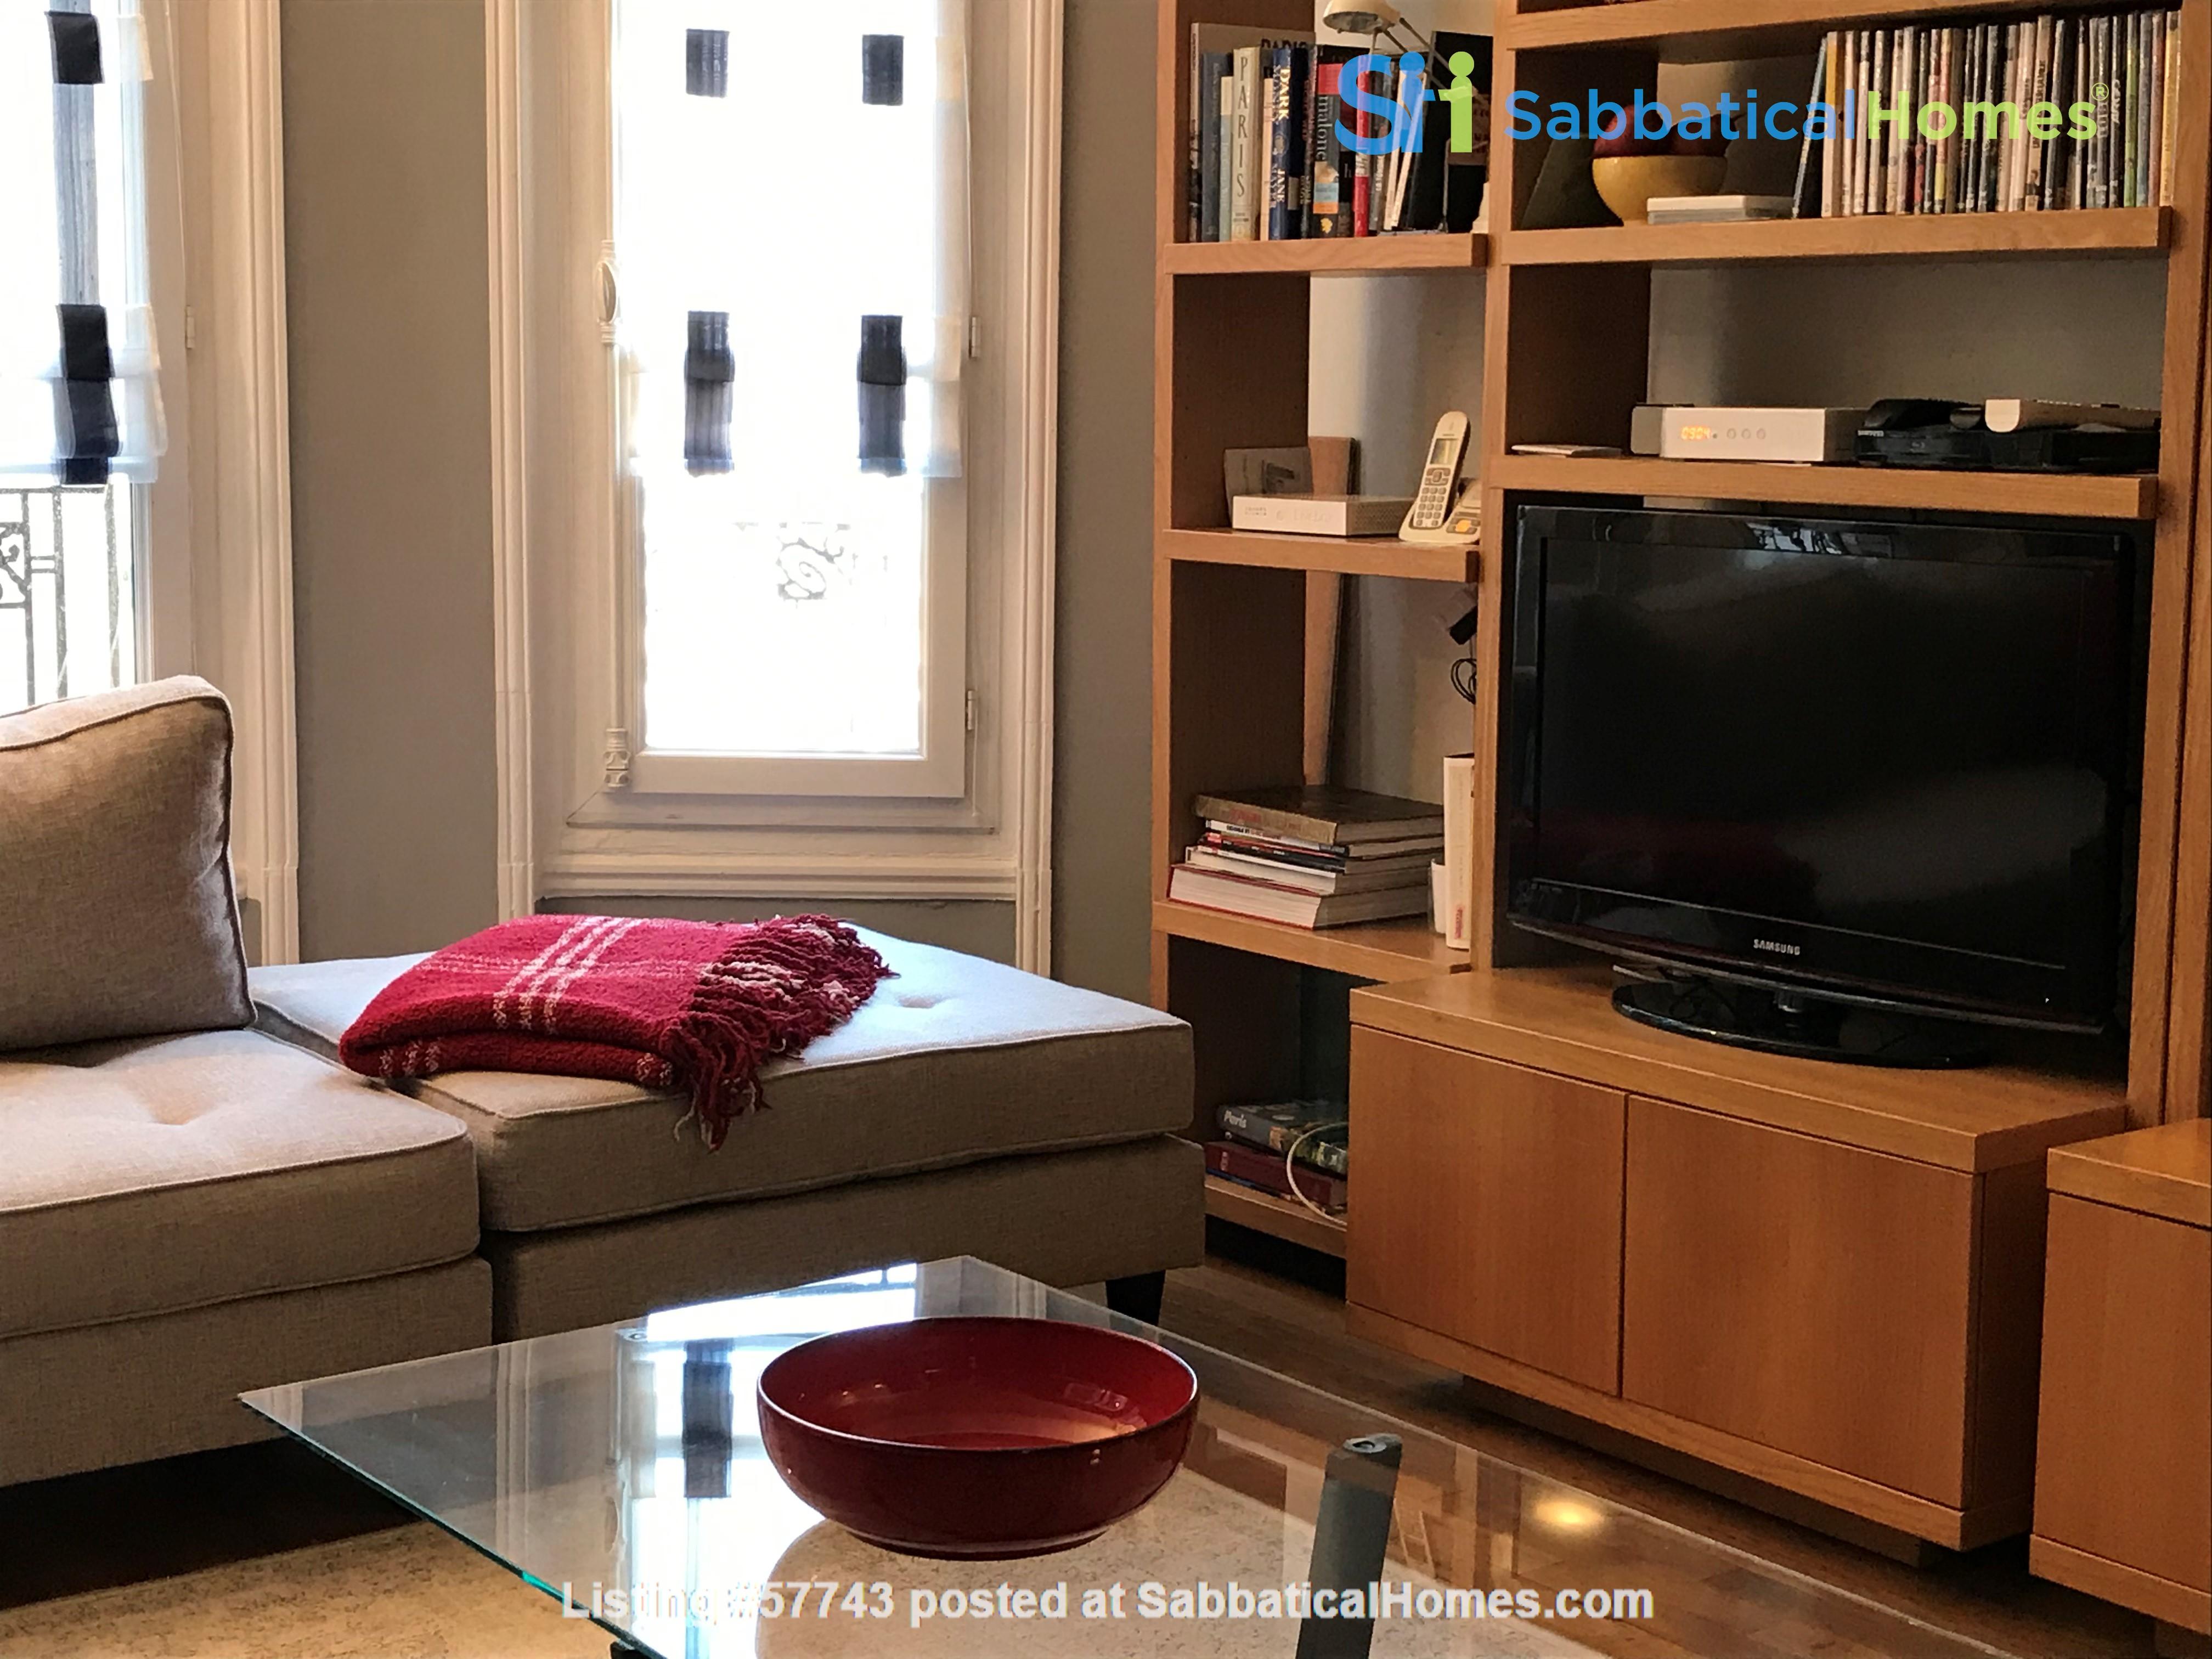 Sabbatical? Live like a native, not a tourist Home Rental in Paris, Île-de-France, France 4